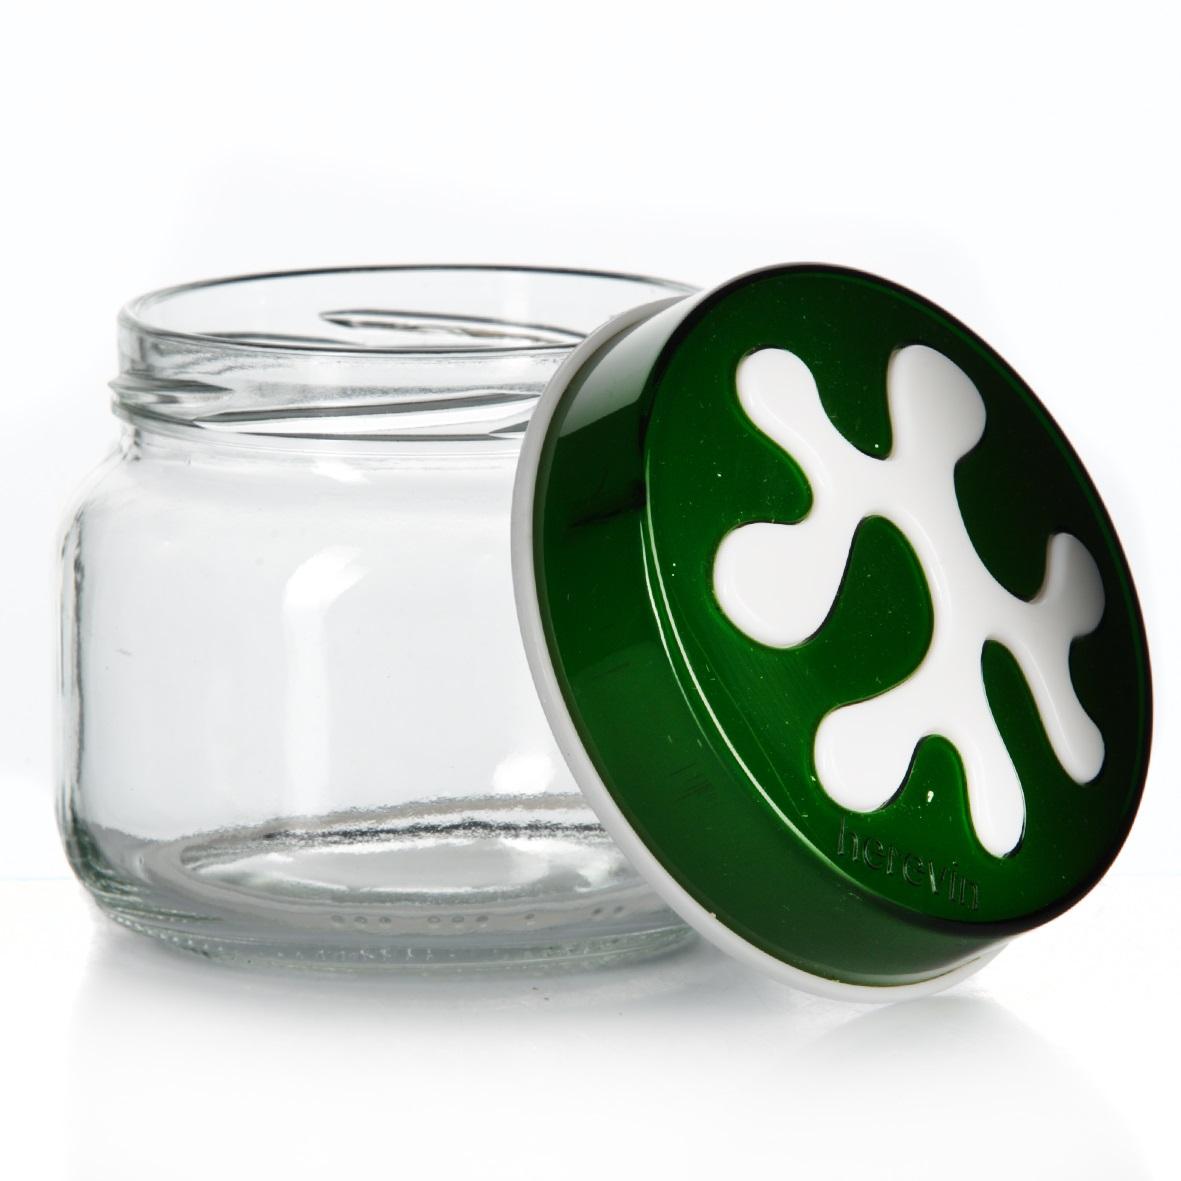 Банка для сыпучих продуктов Herevin, цвет: зеленый, 400 мл. 135357-002VT-1520(SR)Банка для сыпучих продуктов Herevin изготовлена из прочного стекла и оснащена плотно закрывающейся пластиковой крышкой. Благодаря этому внутри сохраняется герметичность, и продукты дольше остаются свежими. Изделие предназначено для хранения различных сыпучих продуктов: круп, чая, сахара, орехов и т.д. Функциональная и вместительная, такая банка станет незаменимым аксессуаром на любой кухне. Можно мыть в посудомоечной машине. Пластиковые части рекомендуется мыть вручную.Объем: 400 мл.Диаметр (по верхнему краю): 7,5 см.Высота банки (без учета крышки): 8 см.